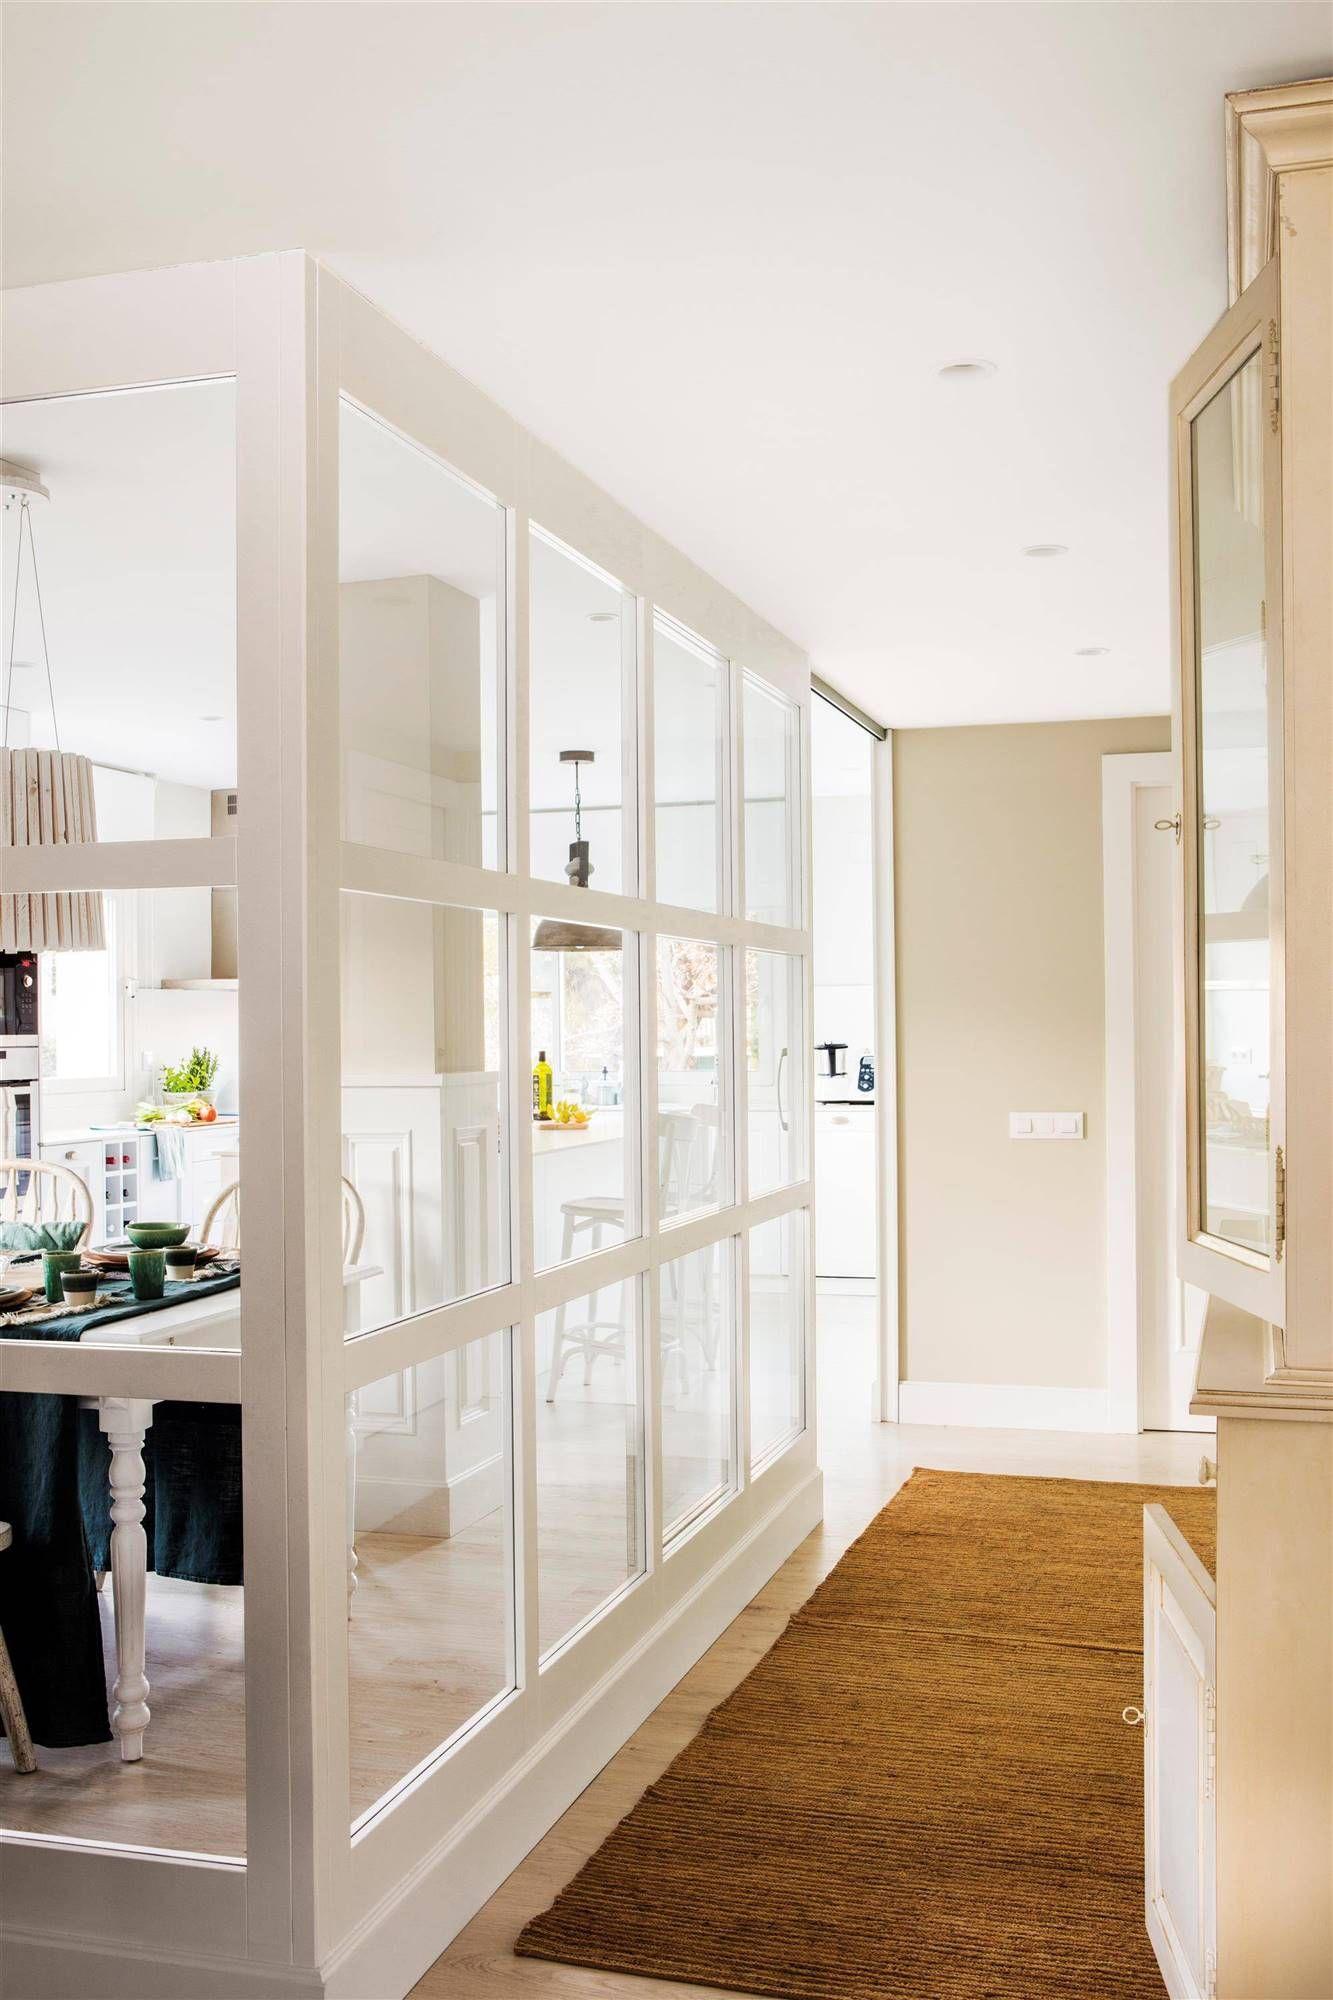 Limpiar paredes revestidas con silestone en 2019 cocinas - Cocinas con pared de cristal ...